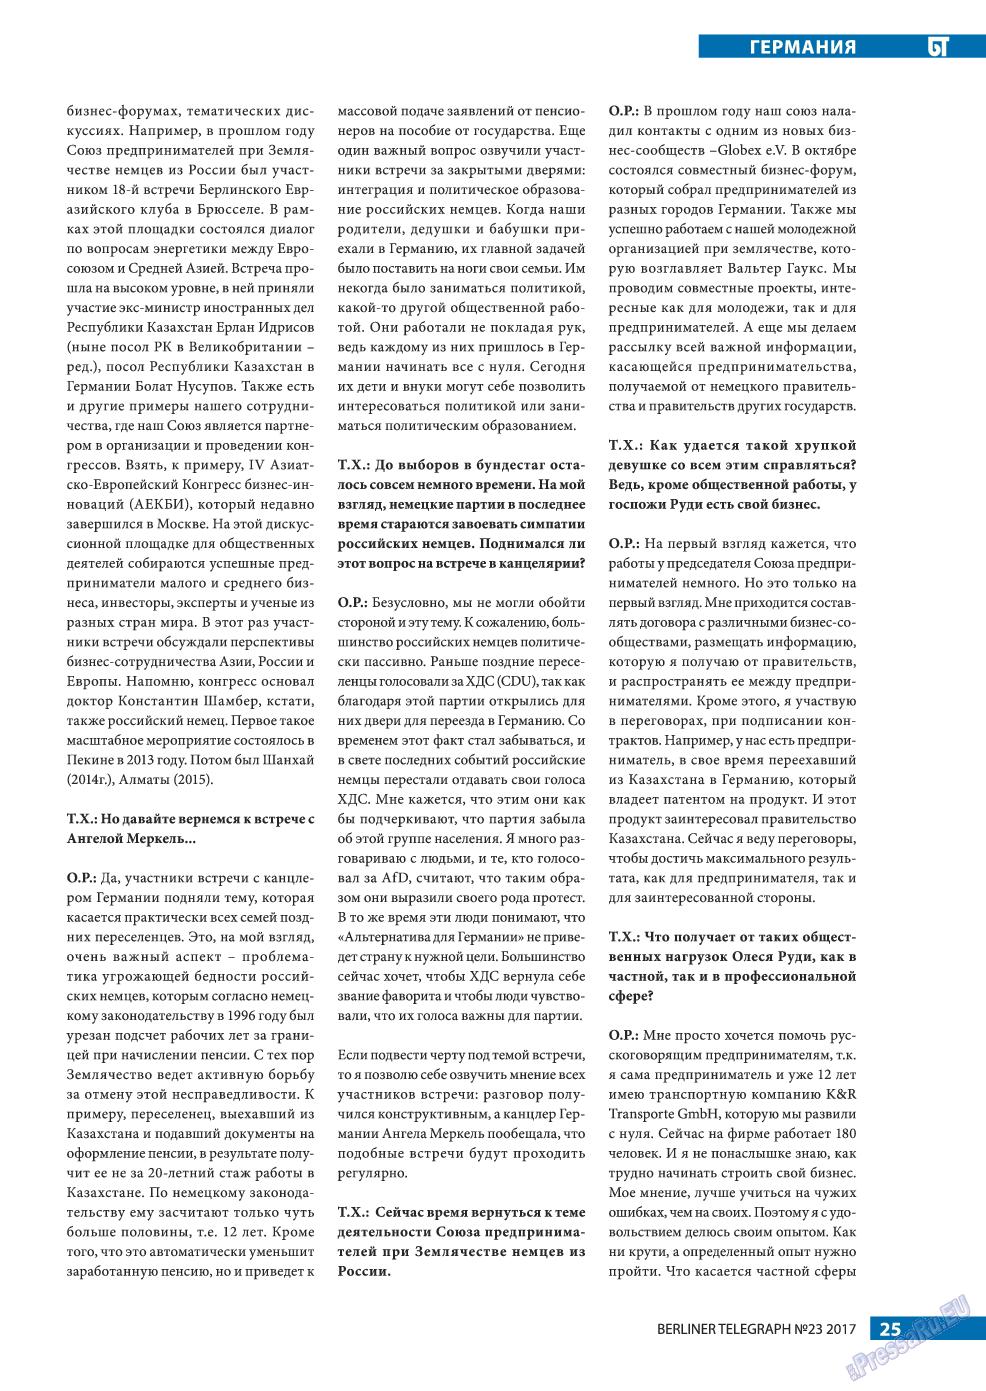 Берлинский телеграф (журнал). 2017 год, номер 23, стр. 25